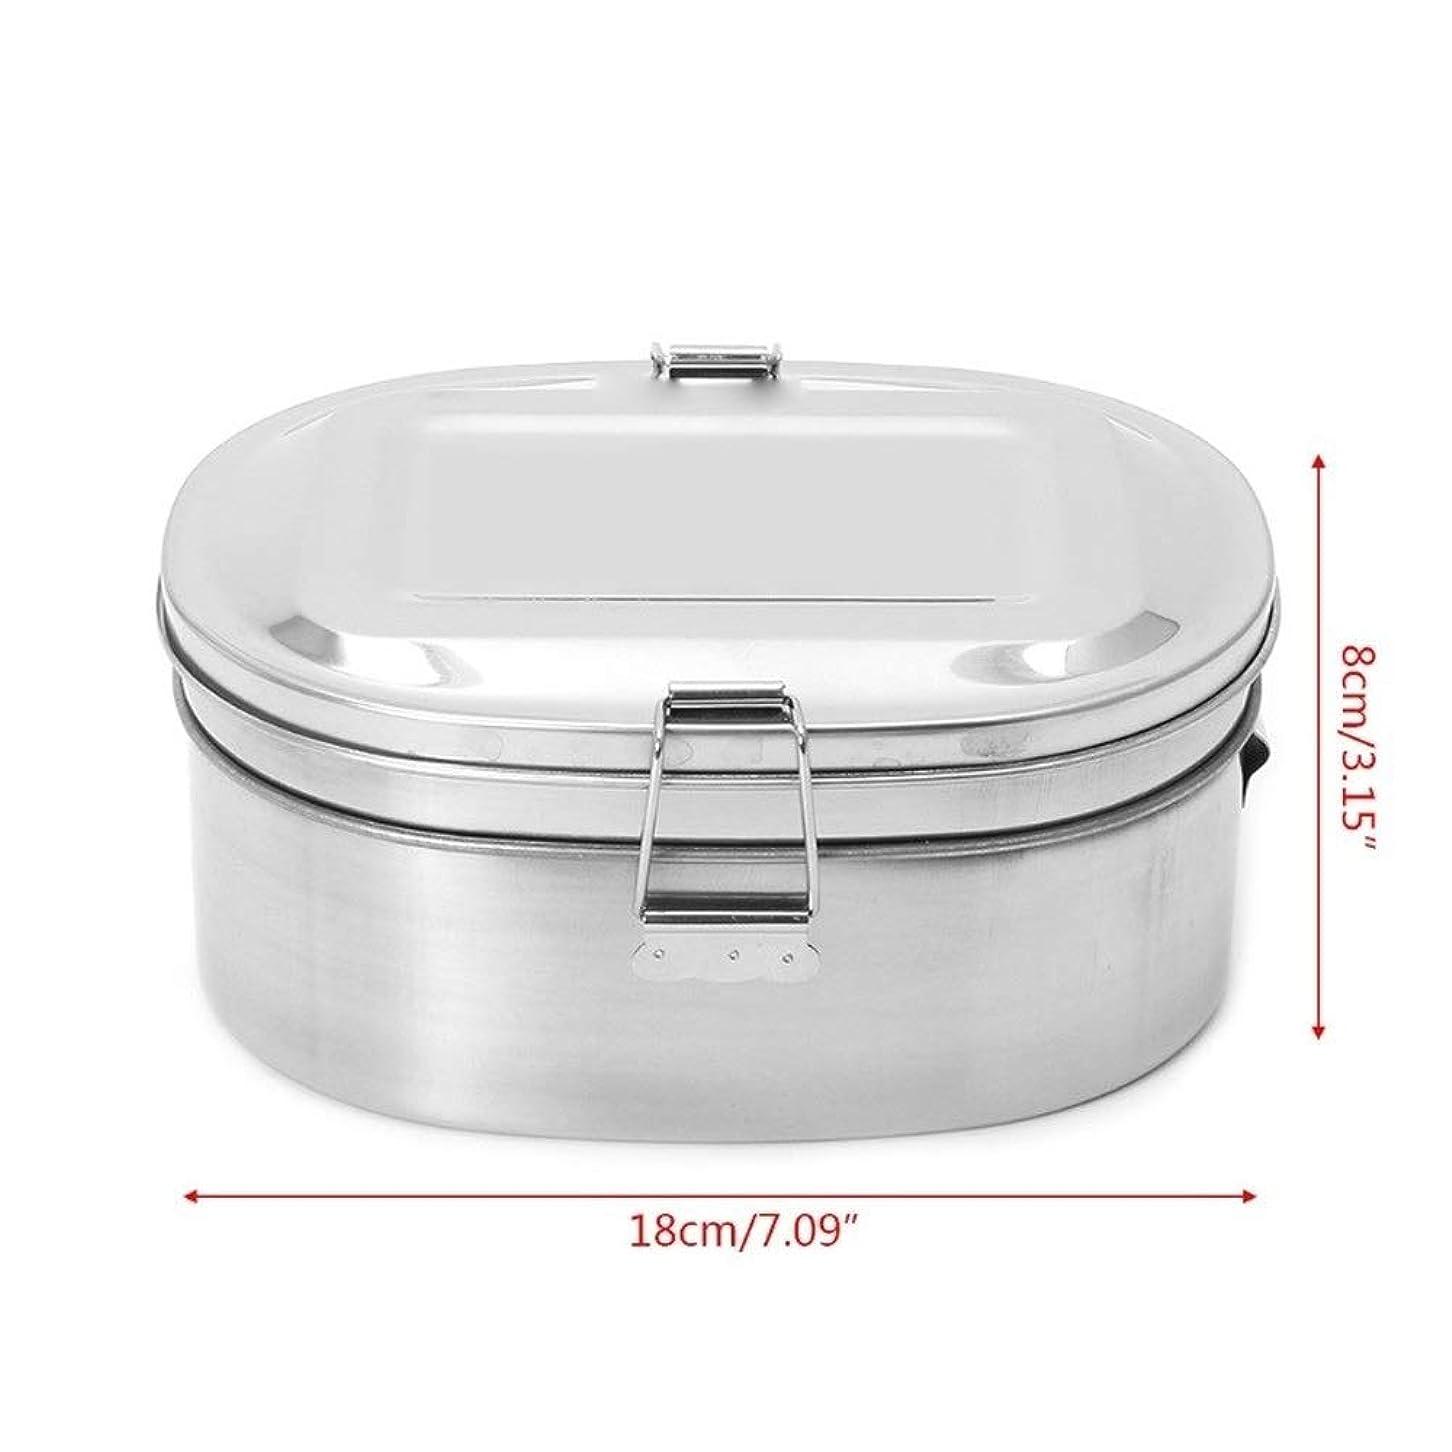 窒息させる床を掃除するバルーンJPYLY のステンレススチール製スクエアランチボックス弁当食品ピクニックコンテナトラベル1/2レイヤ (Color : 06)